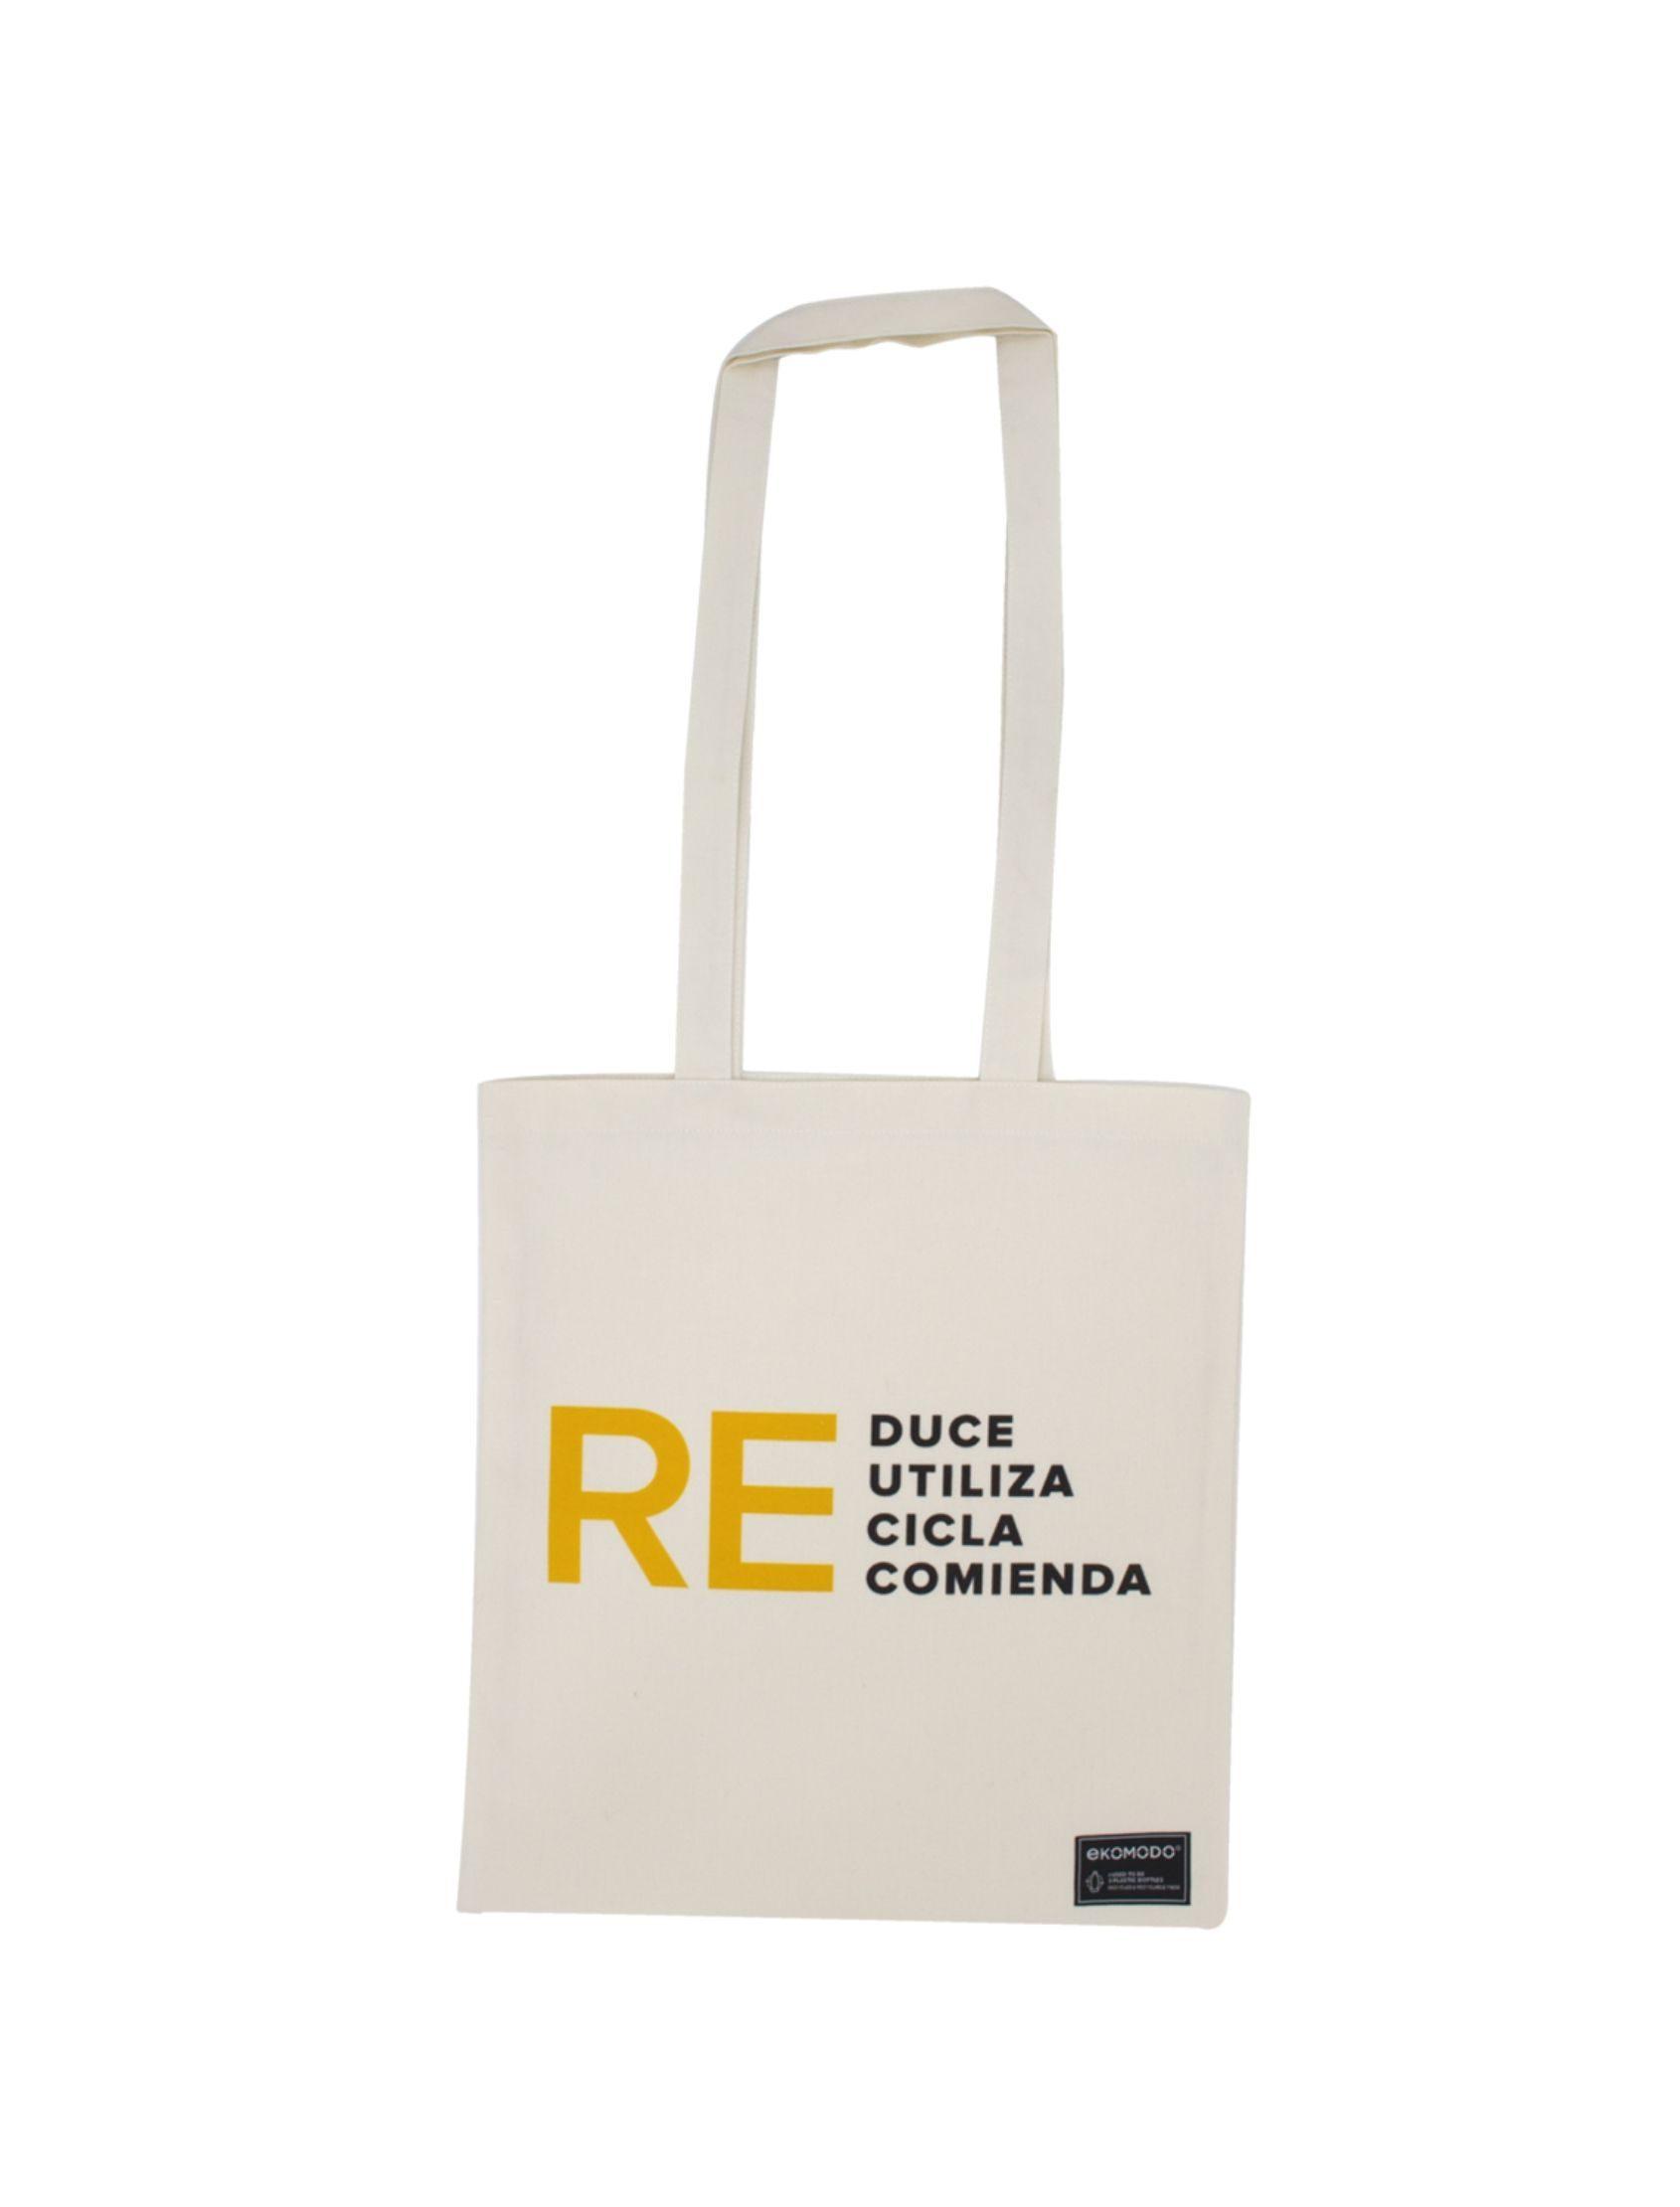 tote bag dana con mensaje reduce reutiliza recicla recomienda de algodón